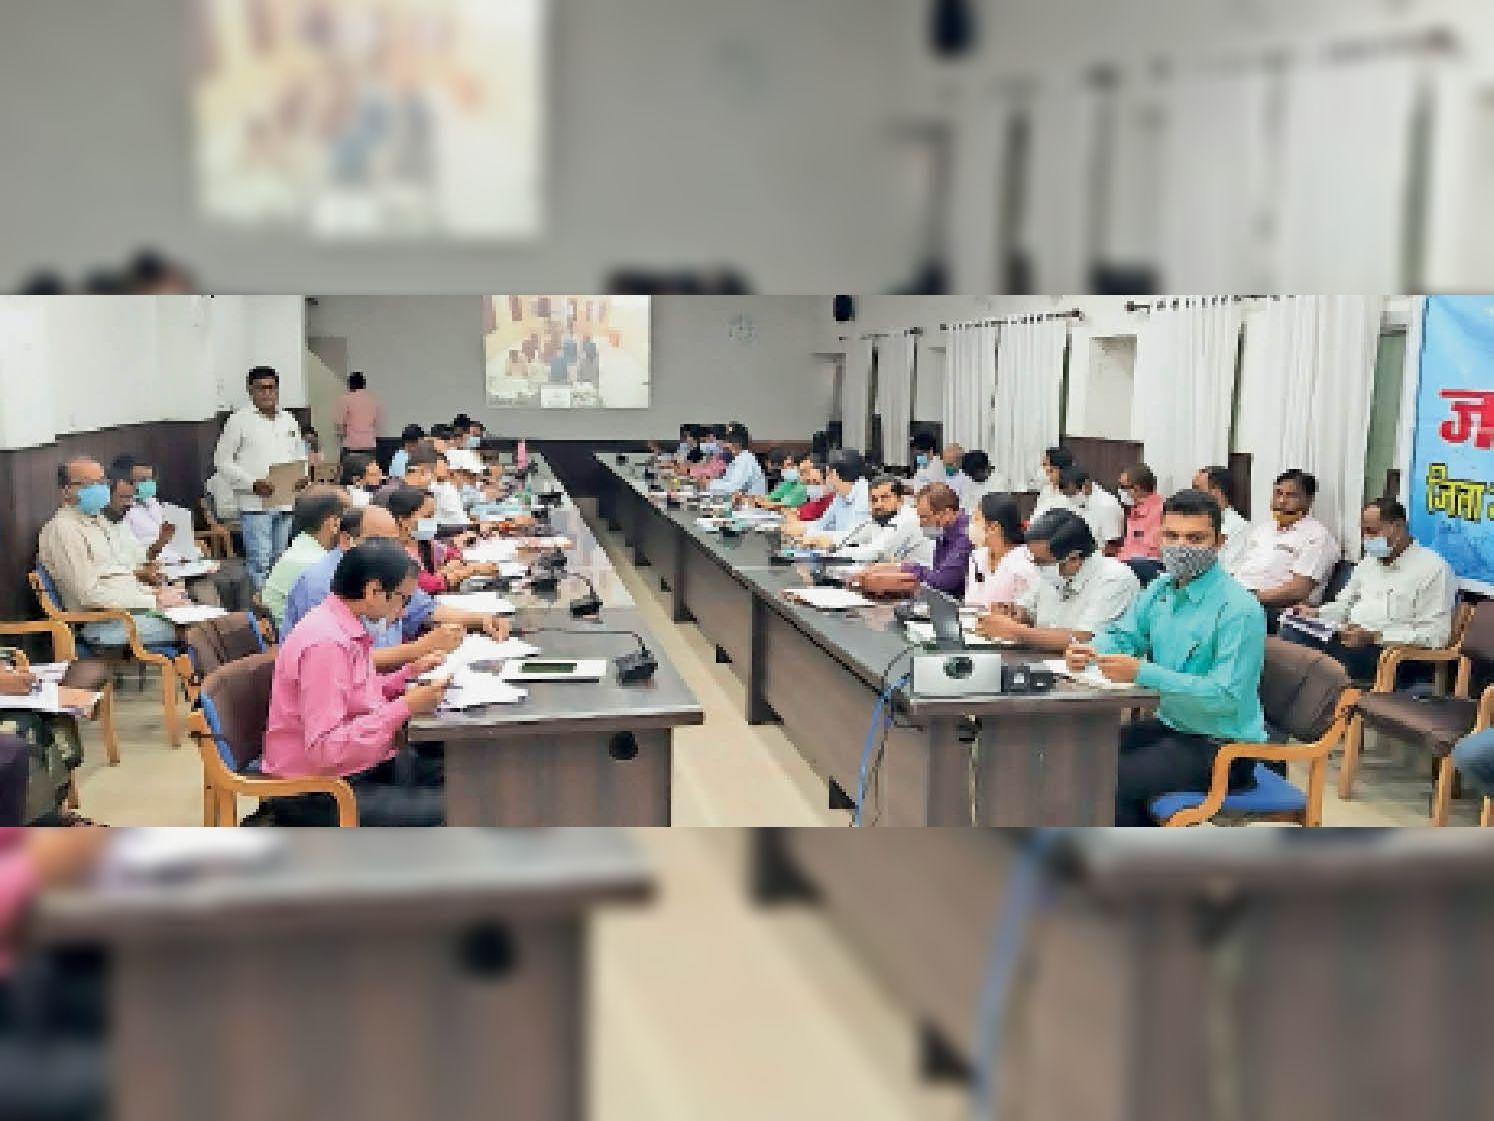 बैठक में उपस्थित जिला स्तर के अफसर। - Dainik Bhaskar